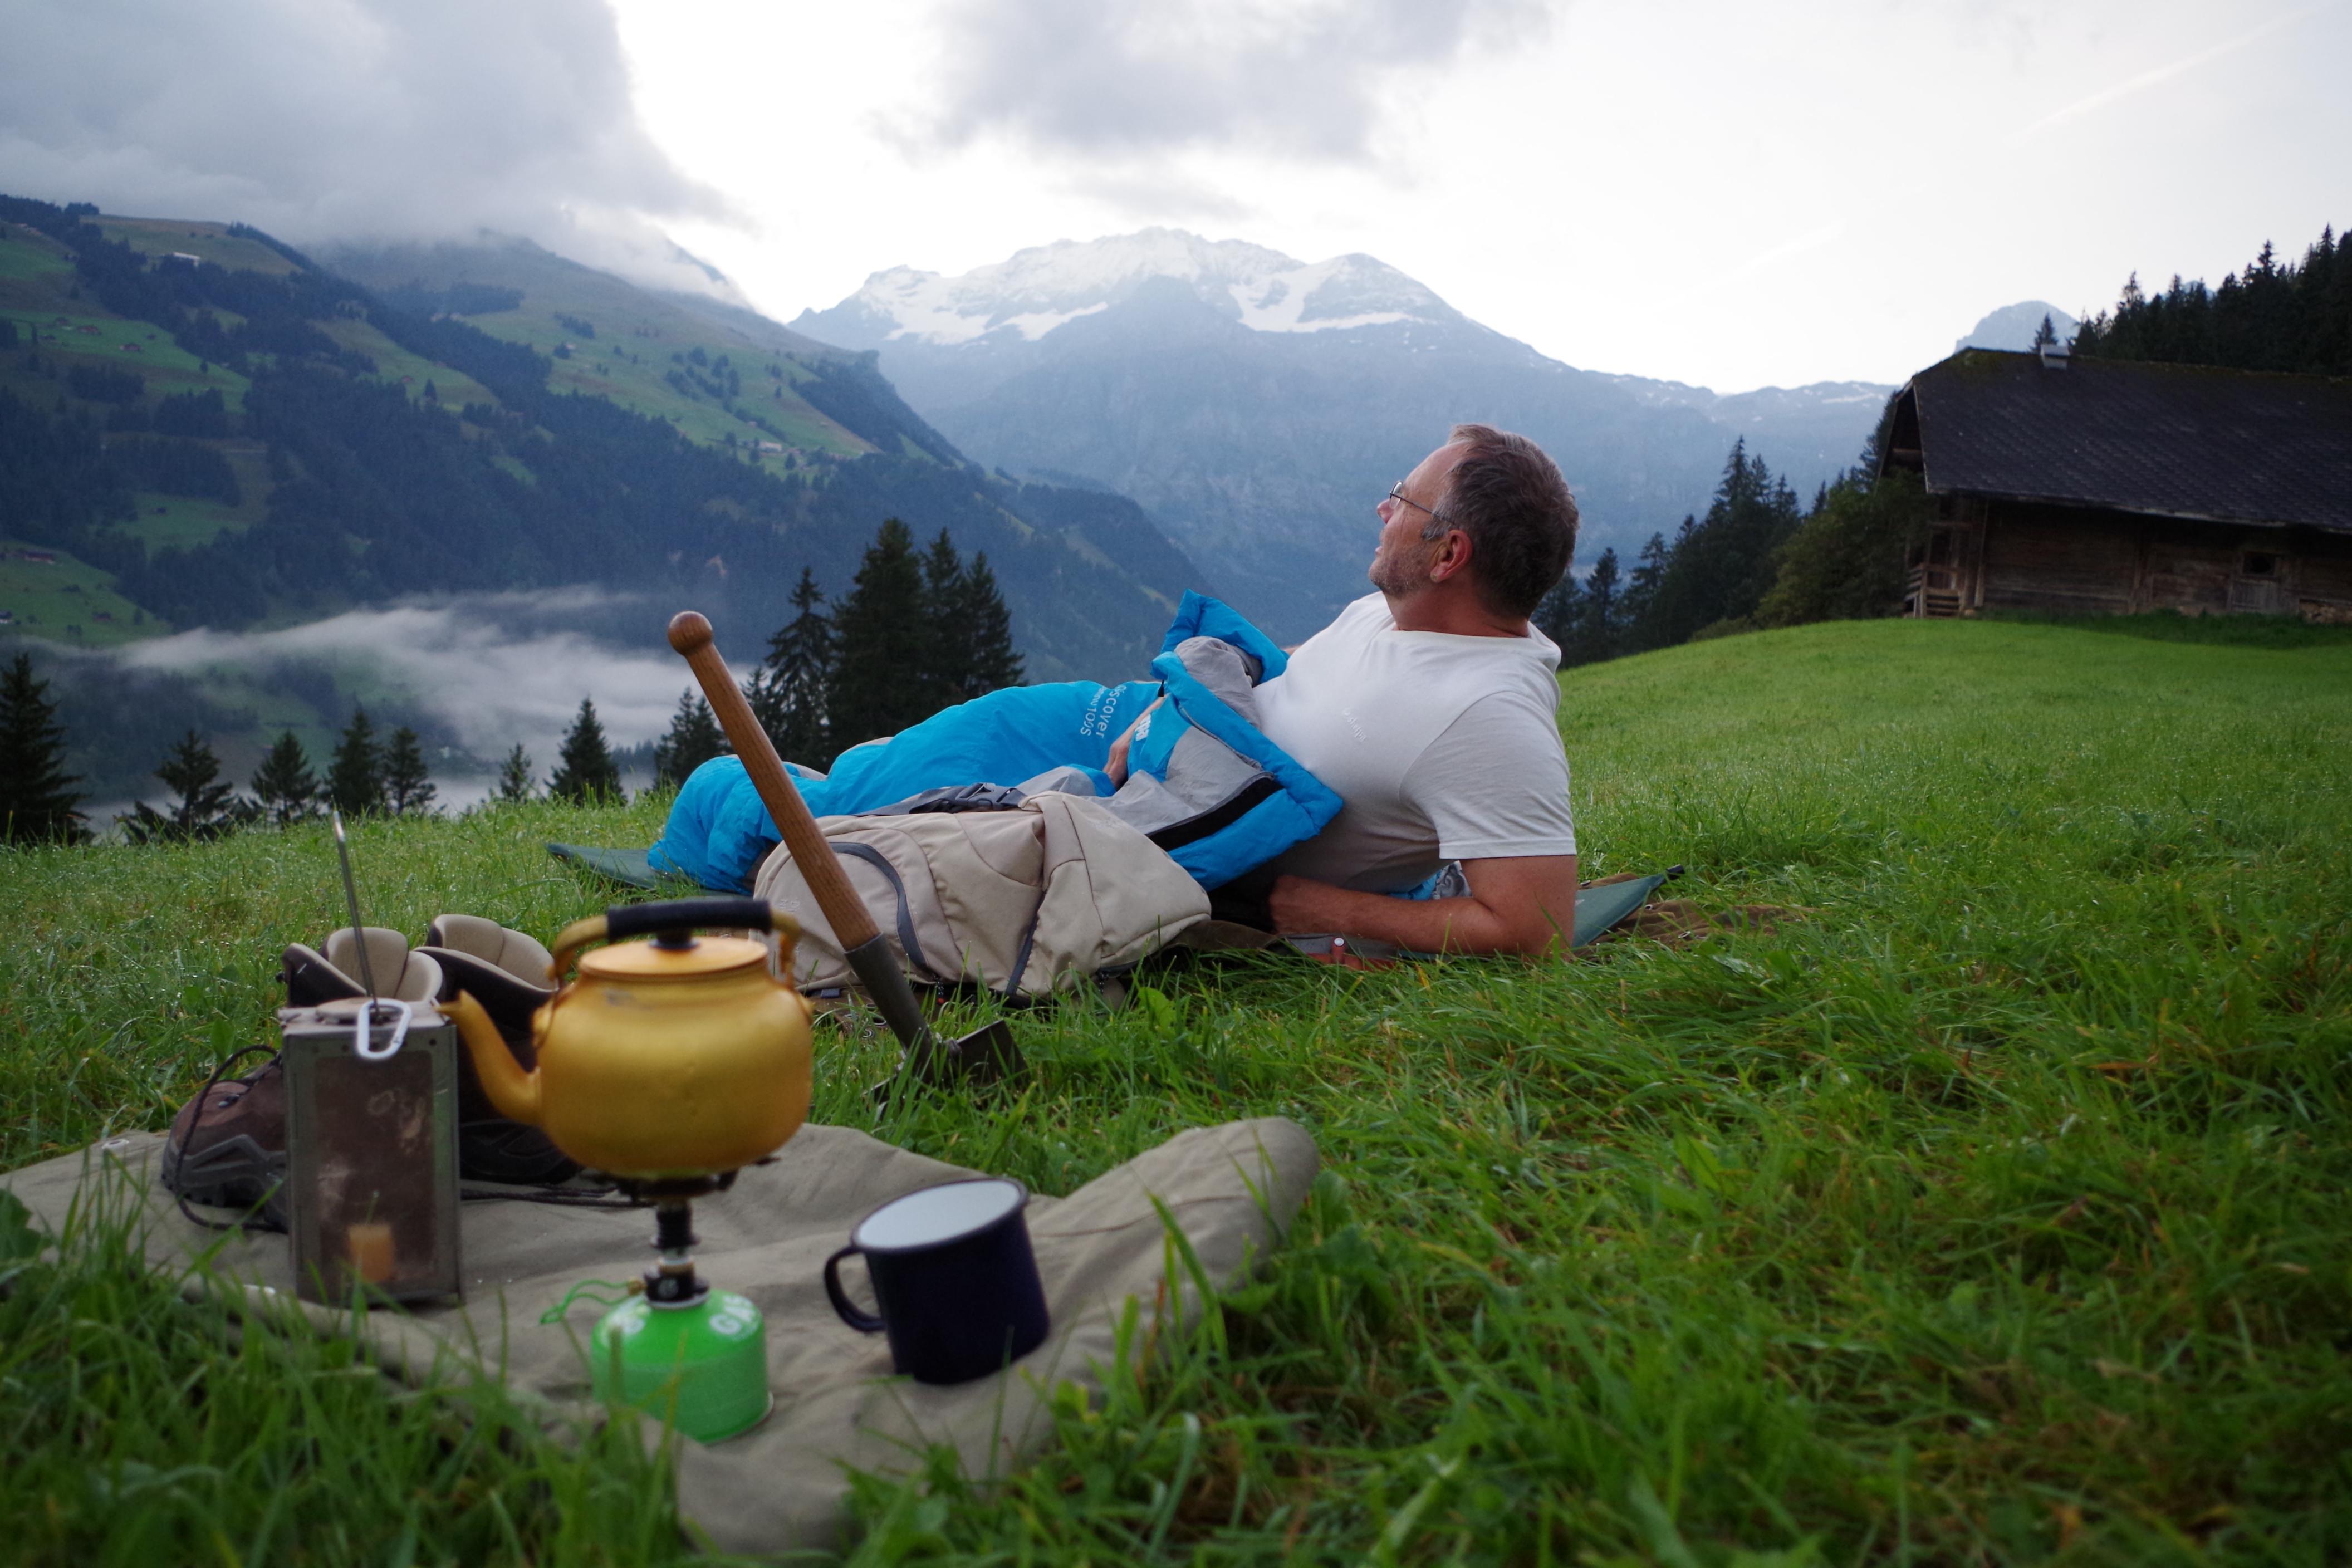 Das mit Abstand wichtigste Hilfsmittel für eine unvergessliche Nacht unter freiem Himmel ist neben einem guten Schlafsack, ein gesunder Menschenstand, knackige Neugier und Mut, sagt Markus Kellenberger